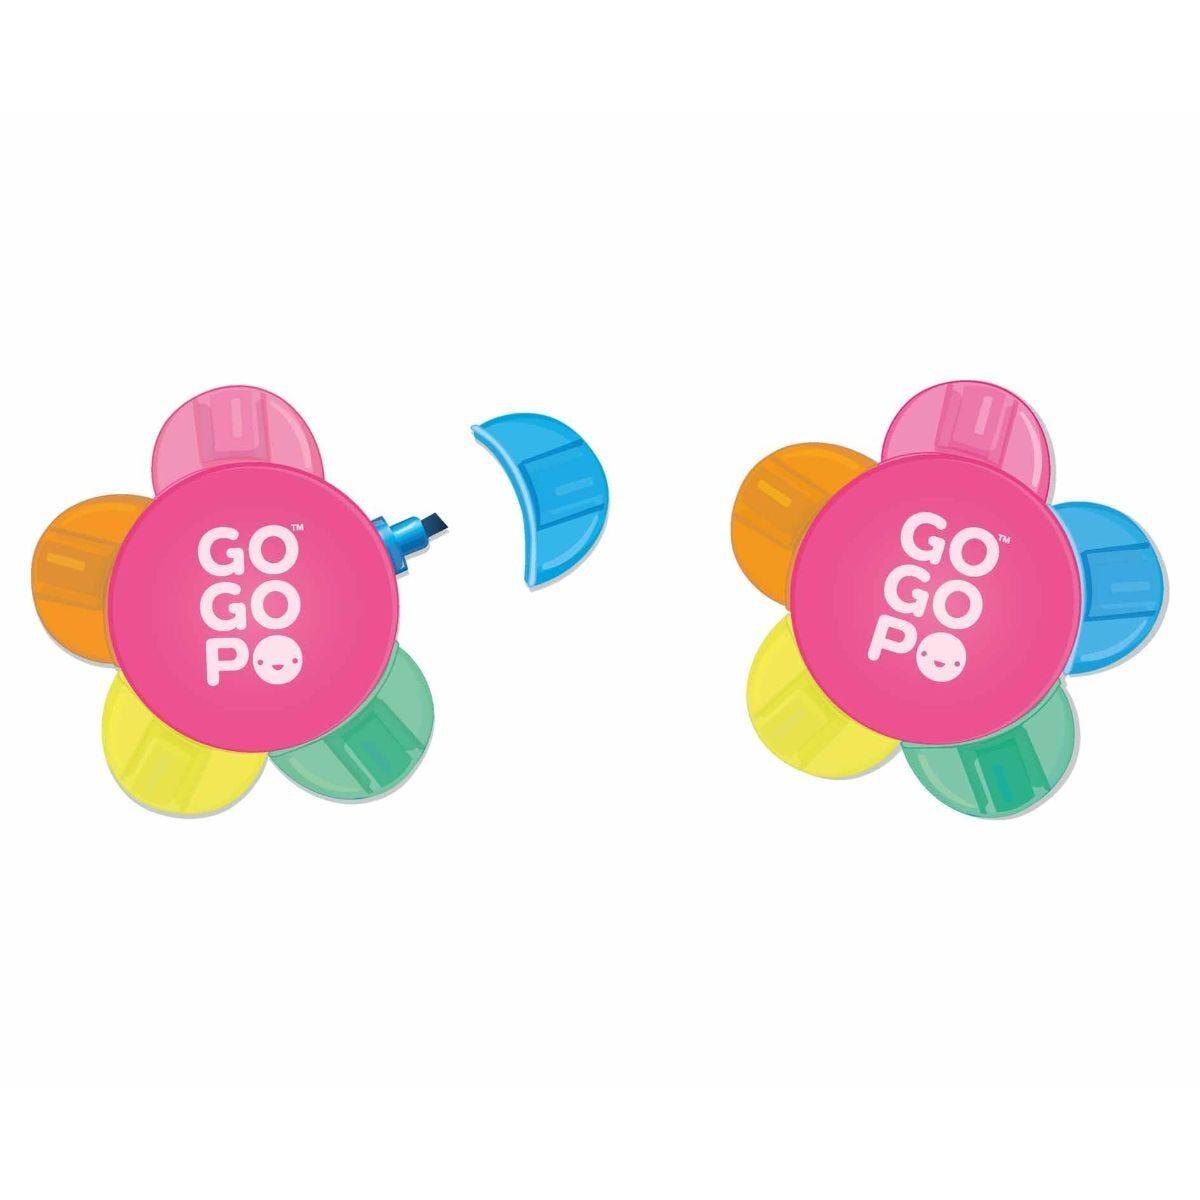 GOGOPO Flower Highlighter Pen